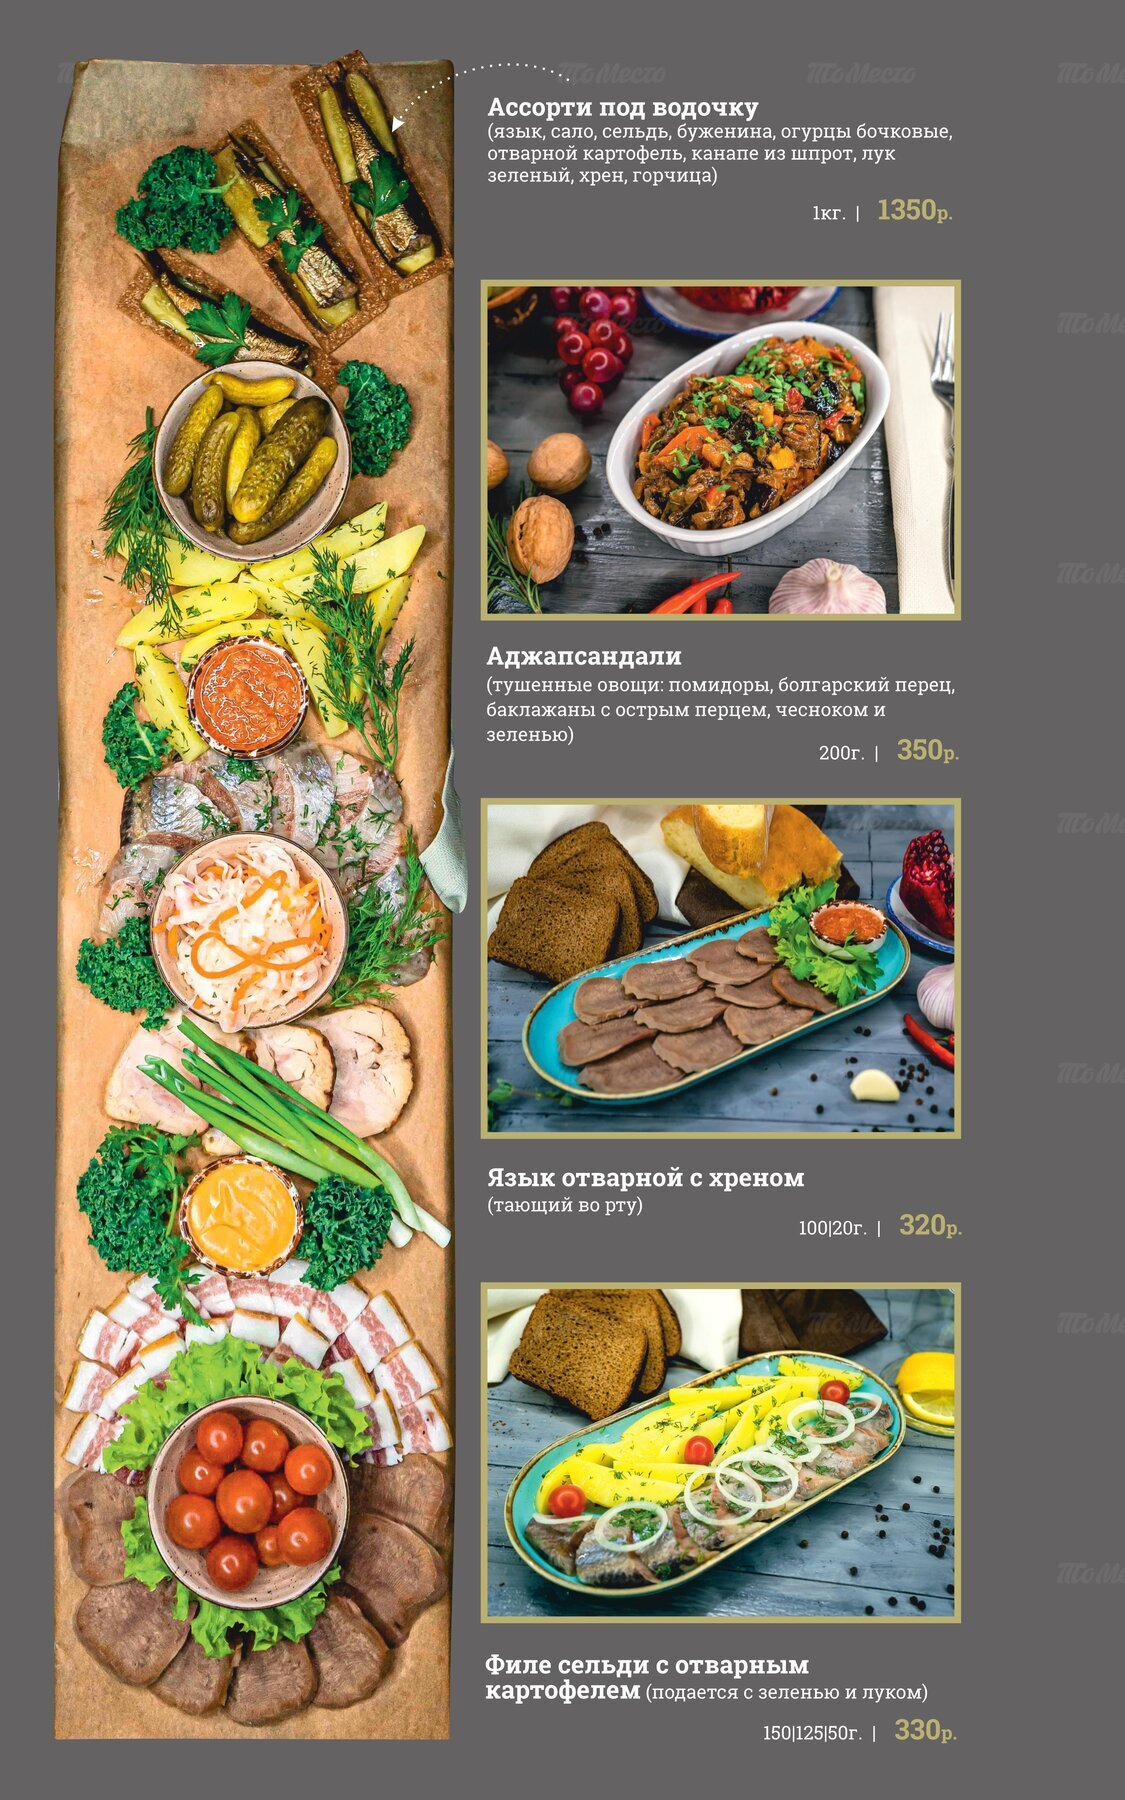 Меню ресторана Хванчкара на улице Селезнёва фото 4